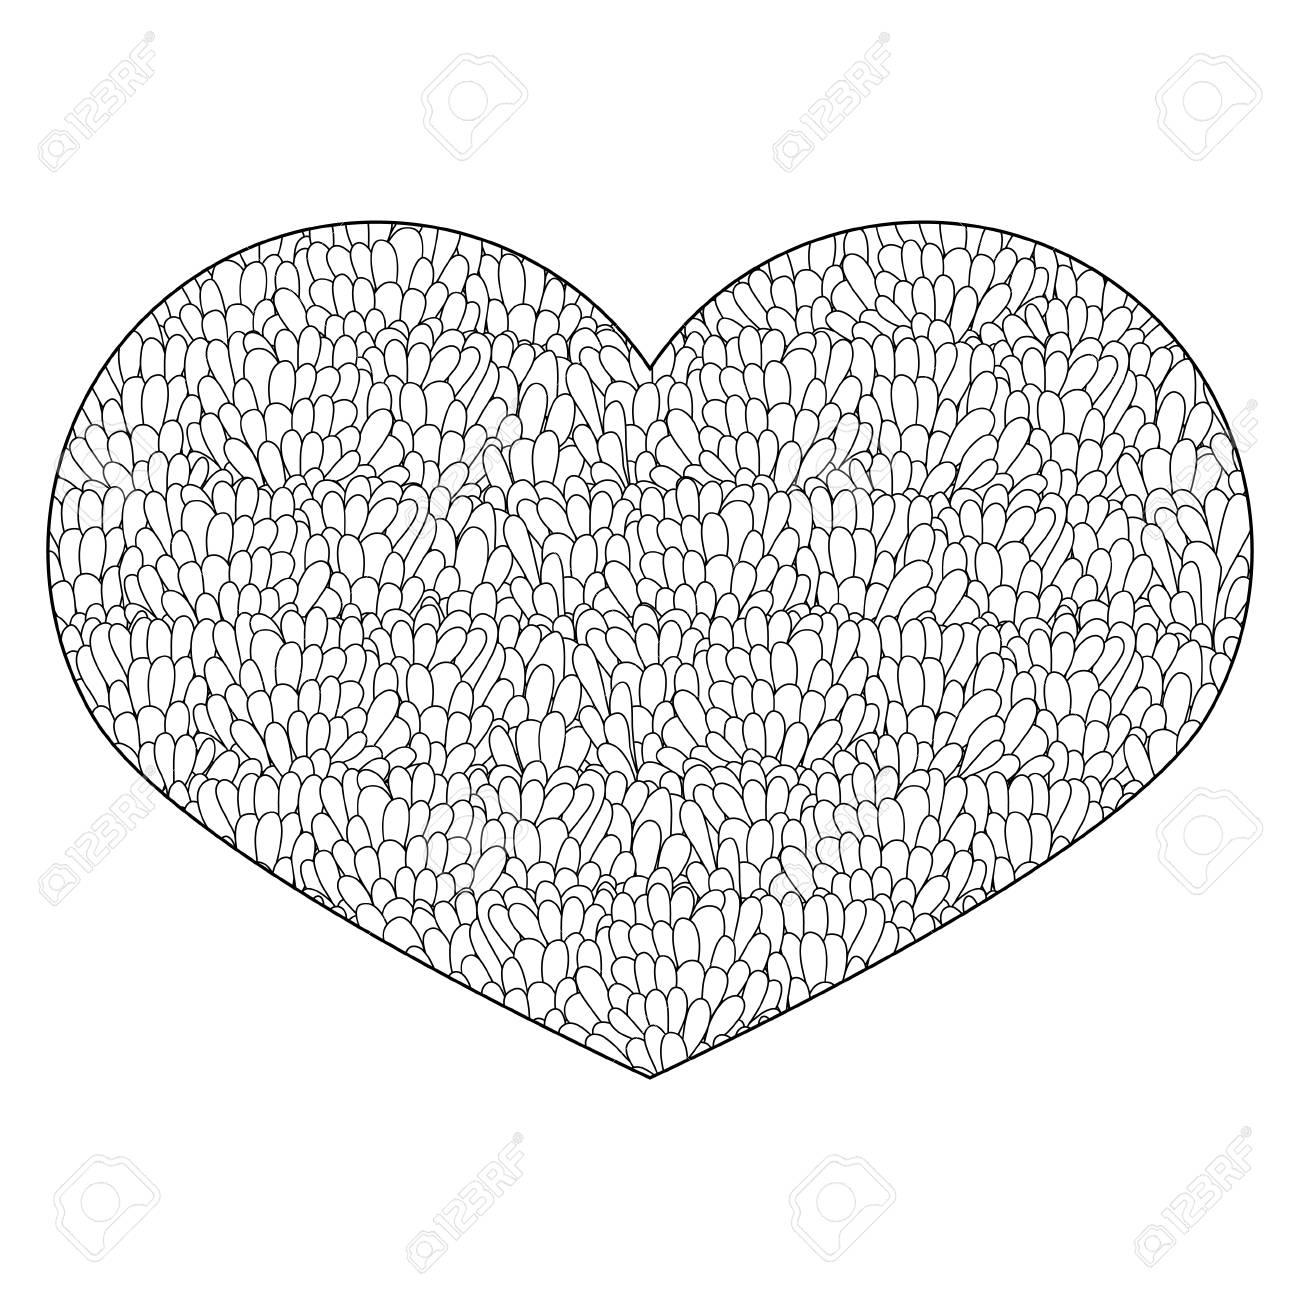 Coloriage Coeur Mariage.Coeur Ornemental Element De Design Fleuri Vintage Pour La Saint Valentin Ou Le Mariage Main Dessinee Coeur Pour Cahier De Coloriage Pour Adulte Et